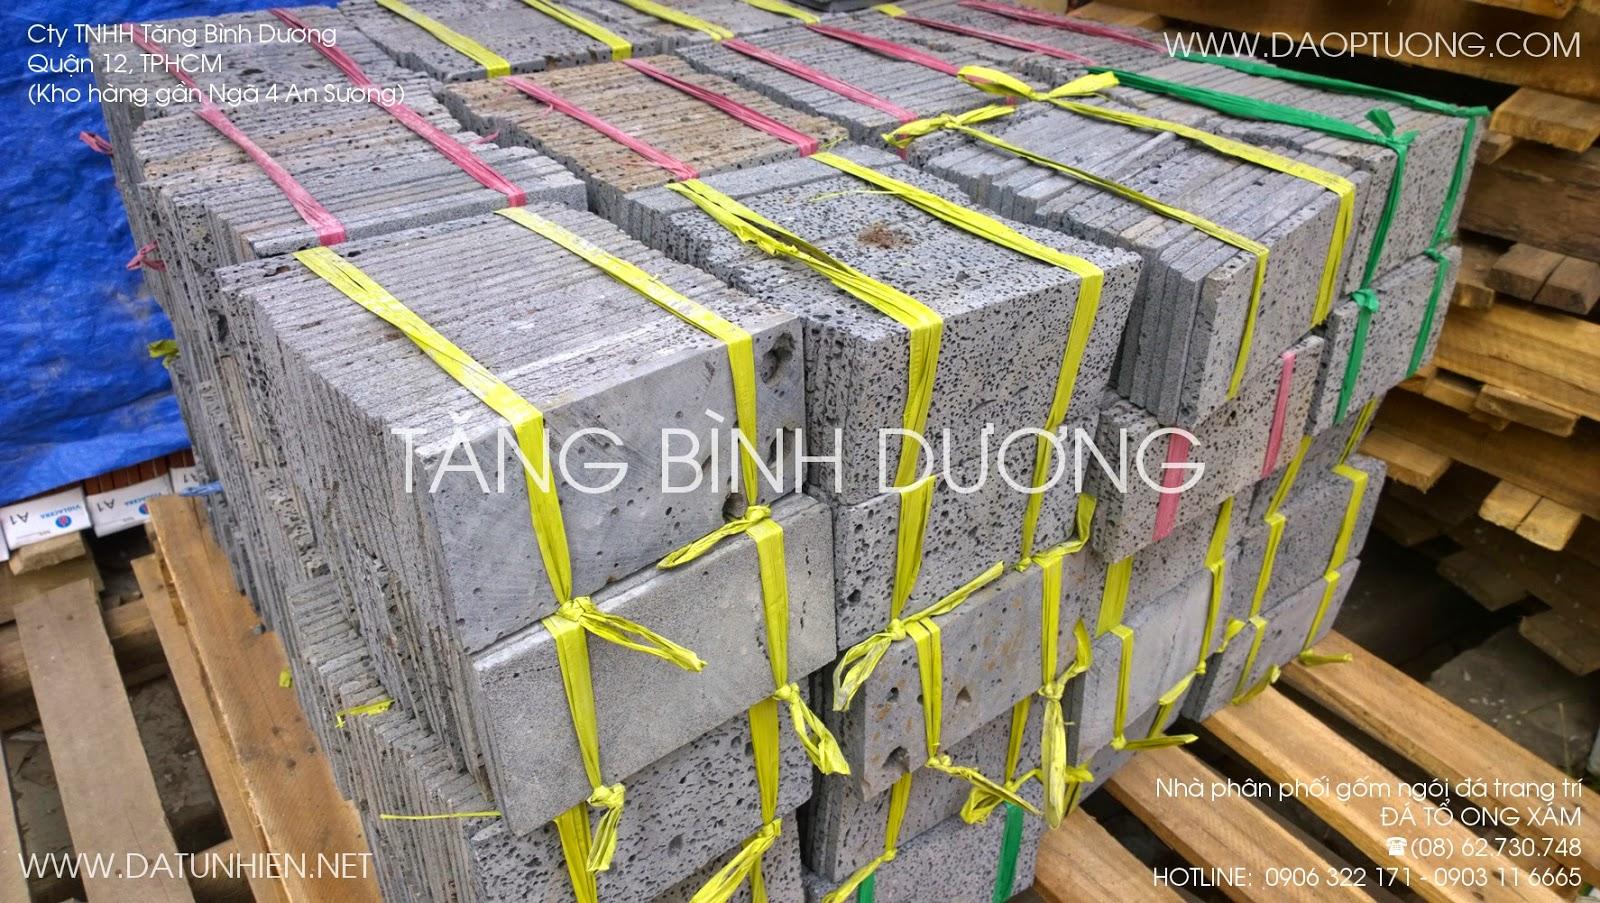 Đá ong xám Đồng Nai